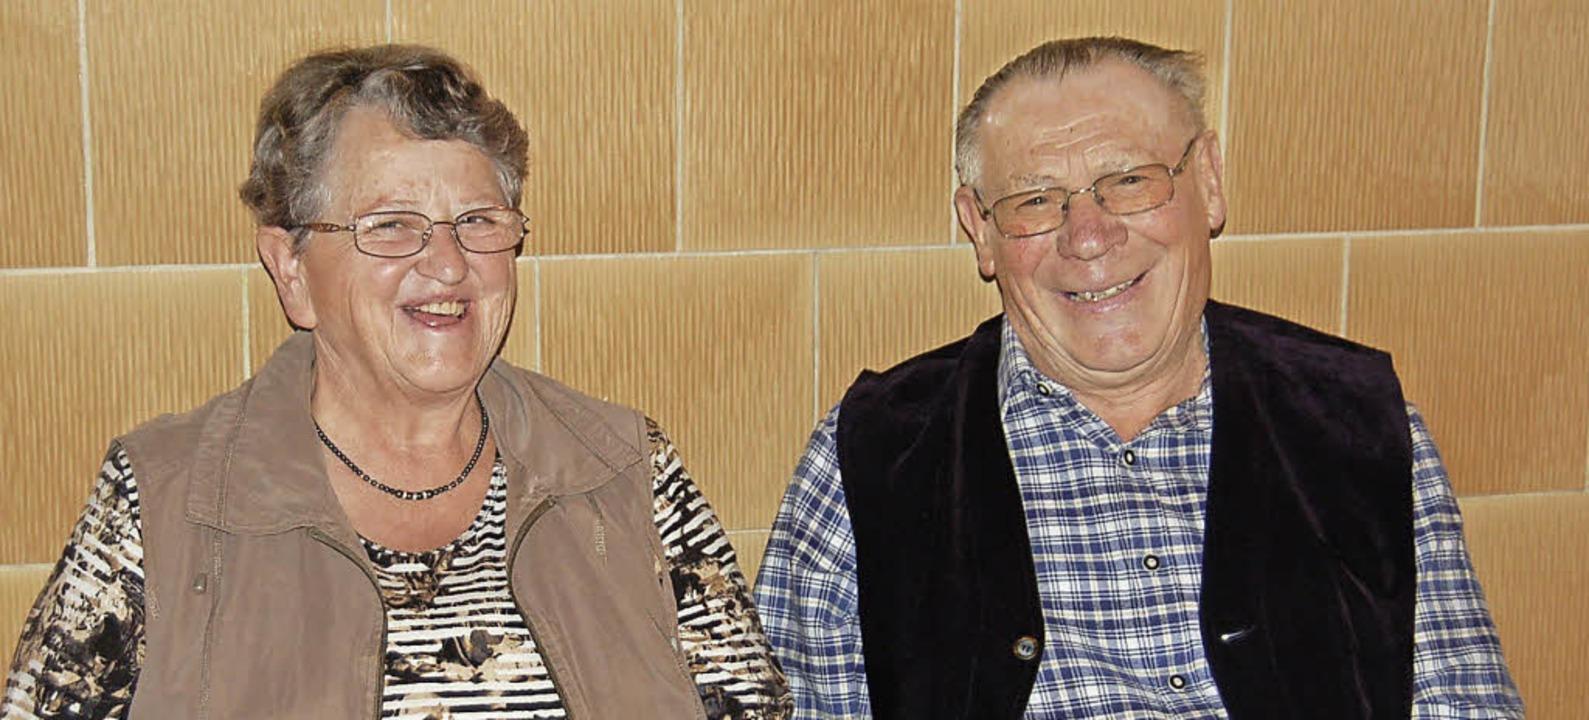 Anneliese und Emil Sprich feiern goldene Hochzeit.   | Foto:  Ulrike Jäger